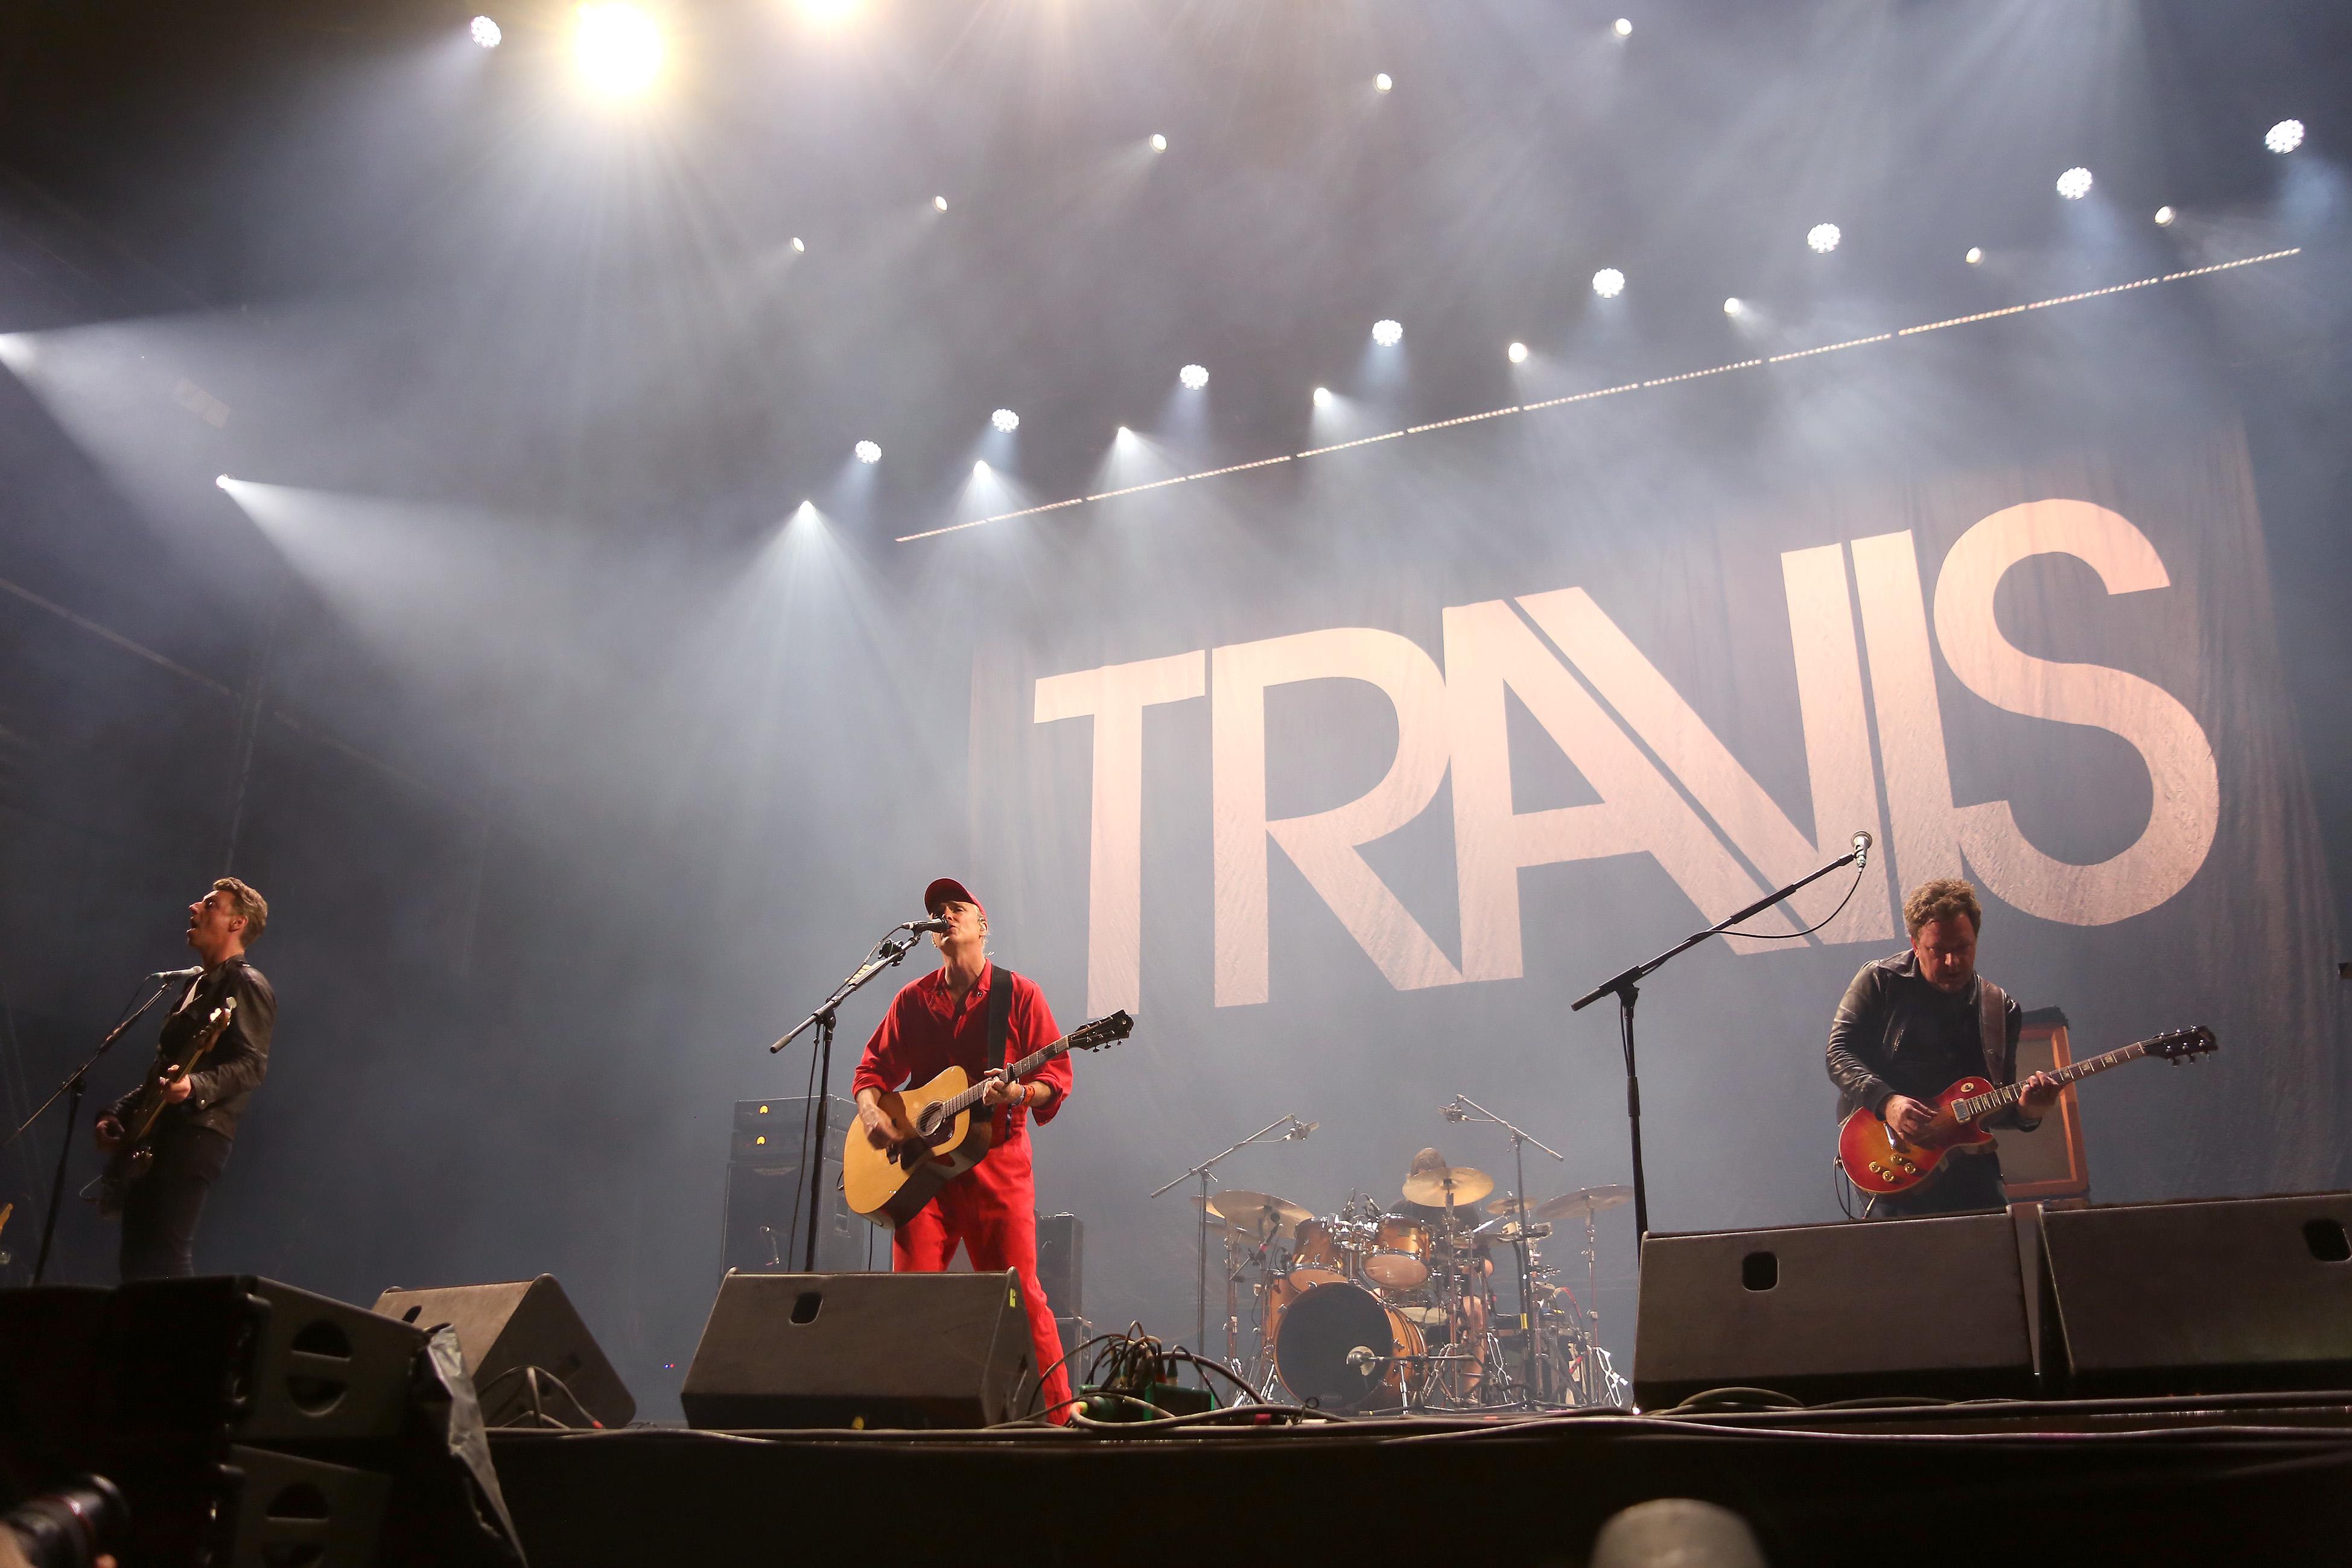 Travis-1